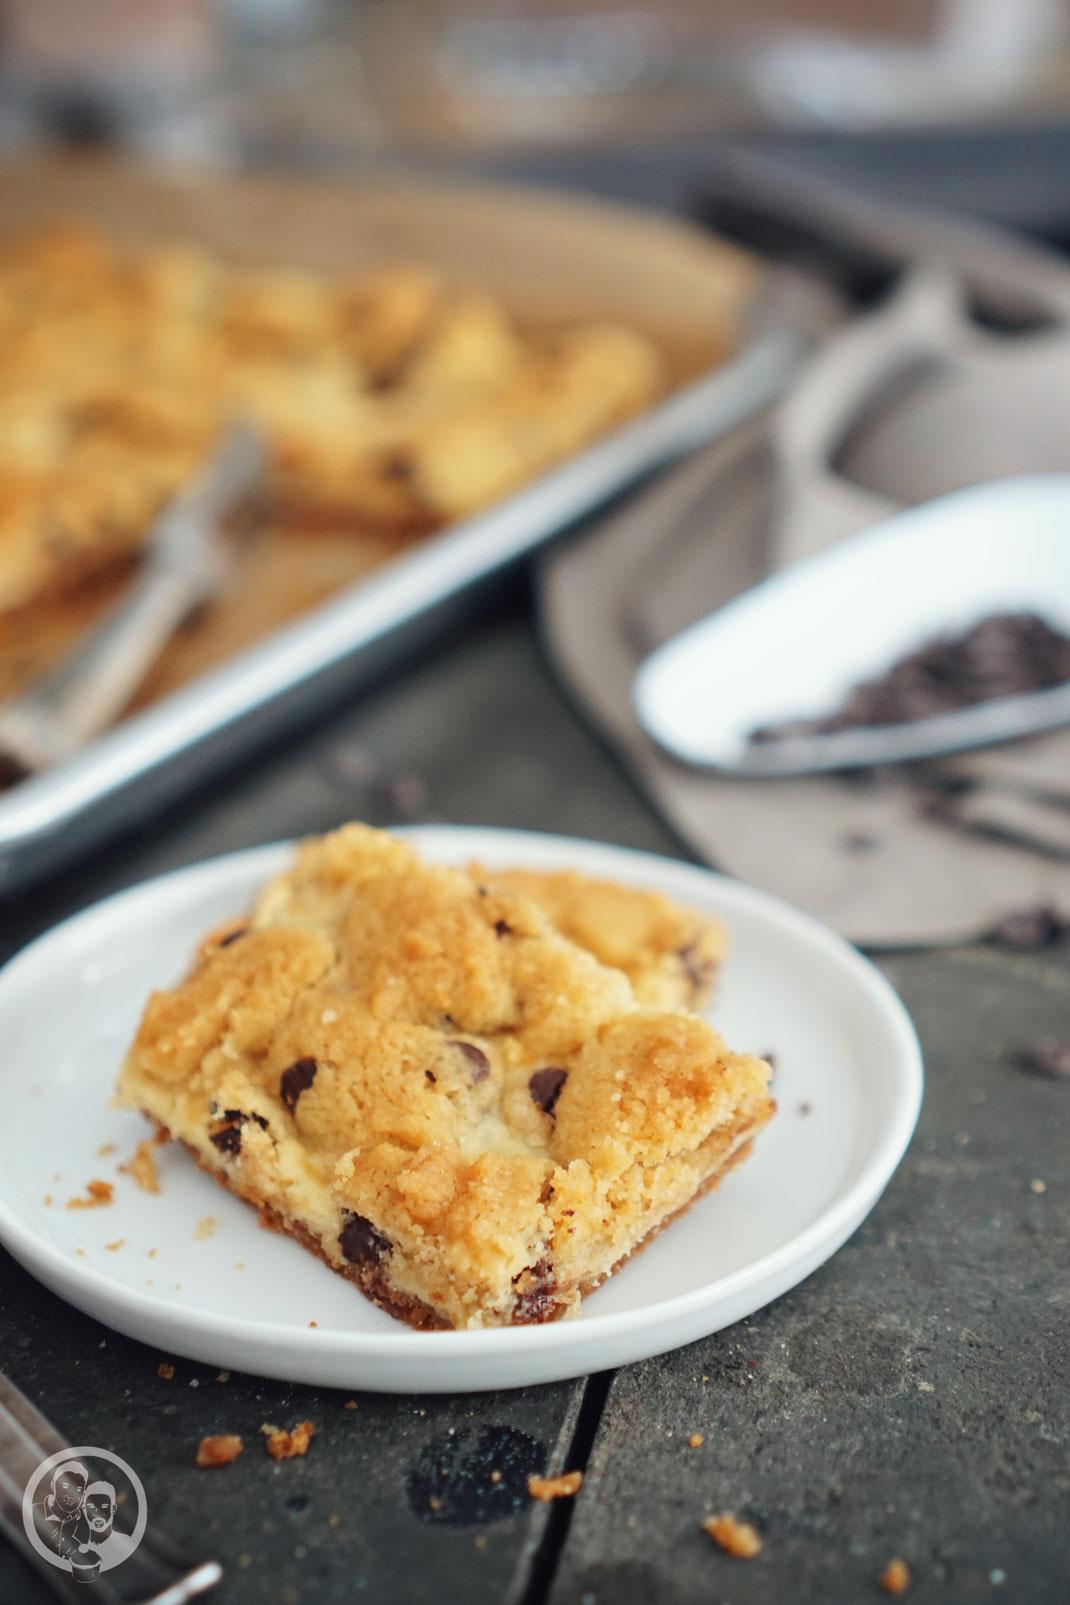 Cookie_Dough_Cheesecake_Bars_rezept_backen_amerikanisch_blog_foodblog_köln